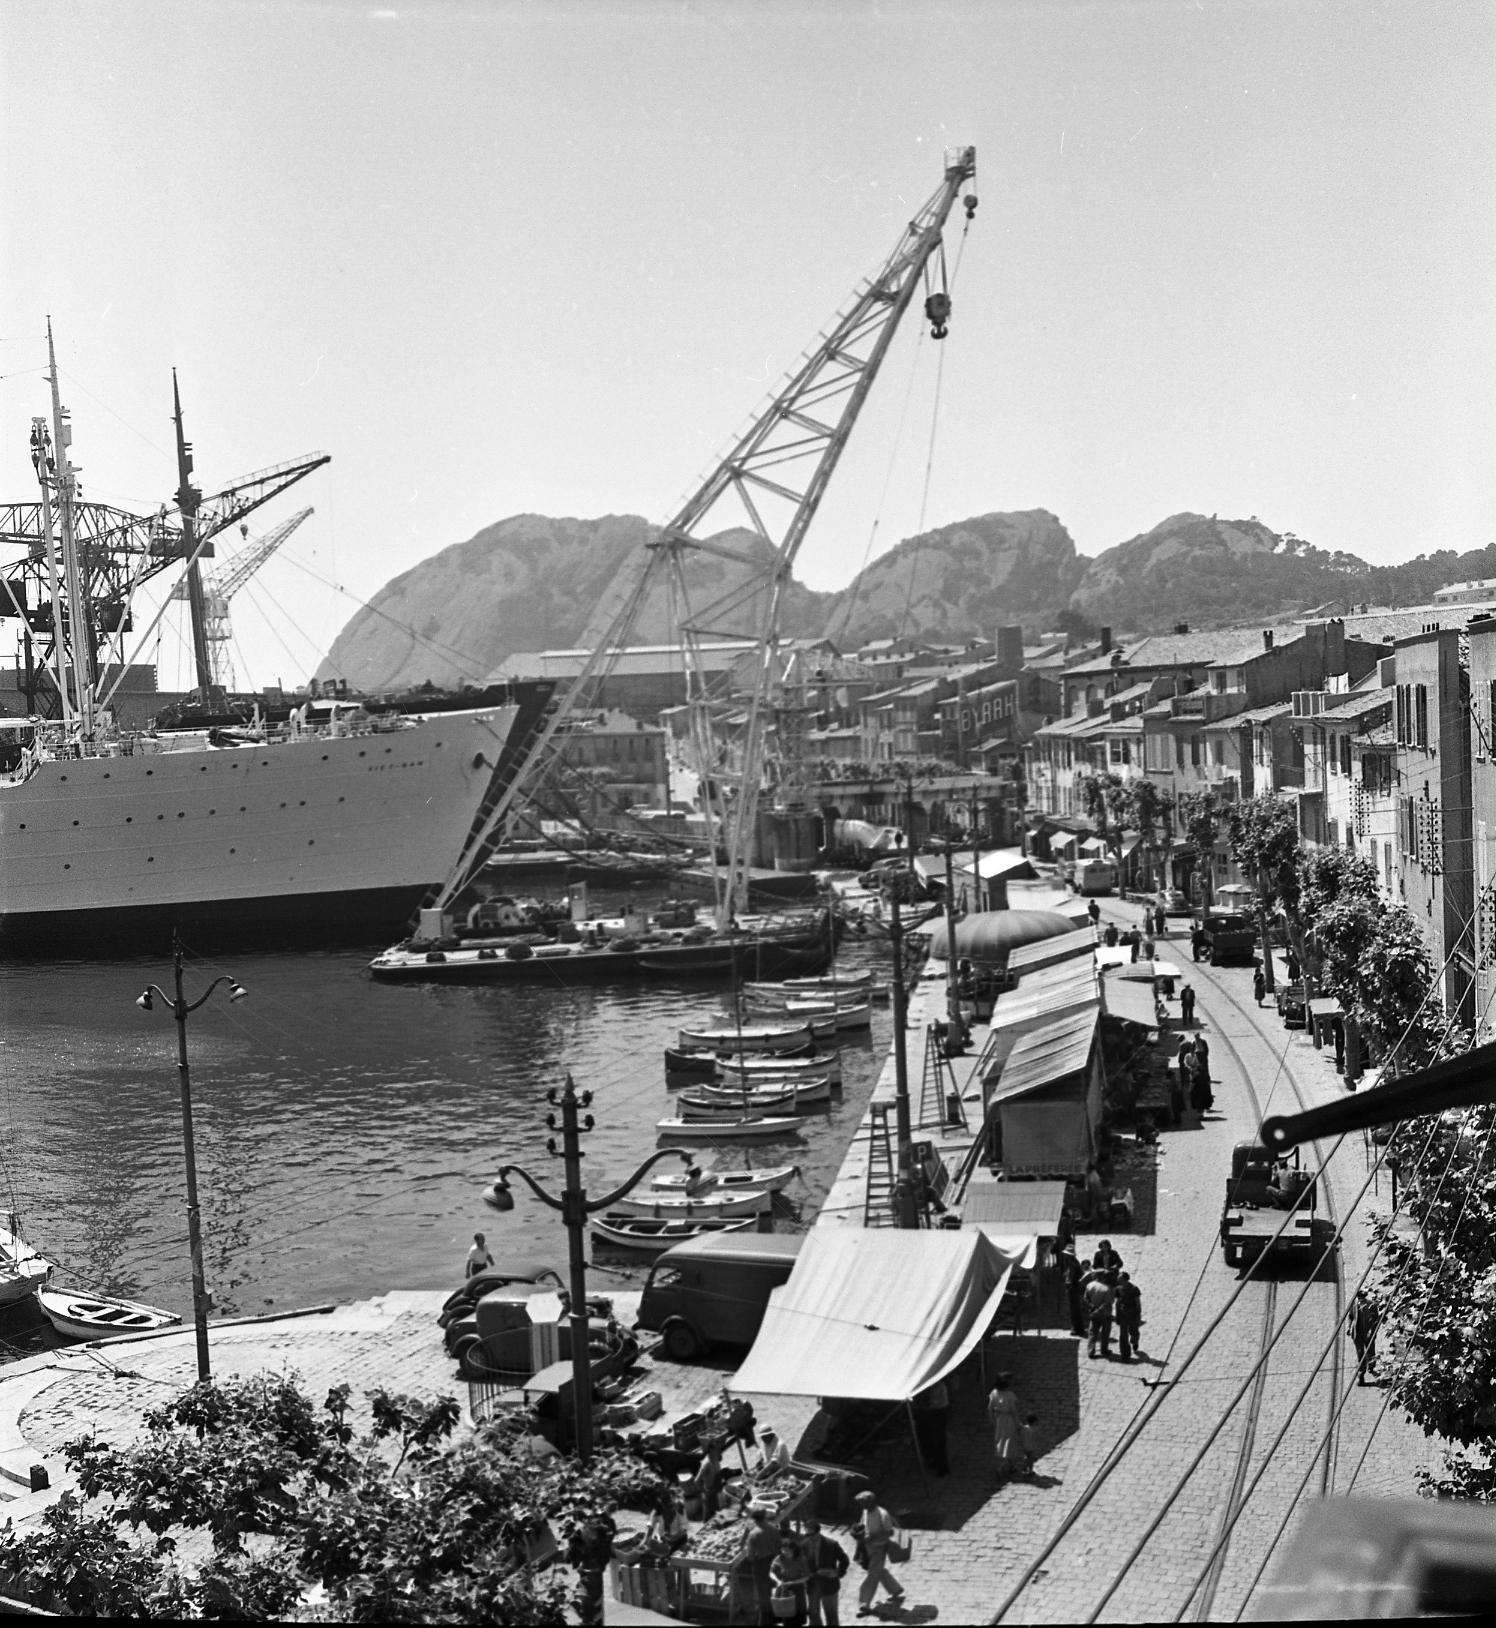 Ce jeudi 21 mai 1953, des forains sont installés le long des quais. Les stands semblent minuscules au regard du paquebot Viêt-Nam et du ponton mature.